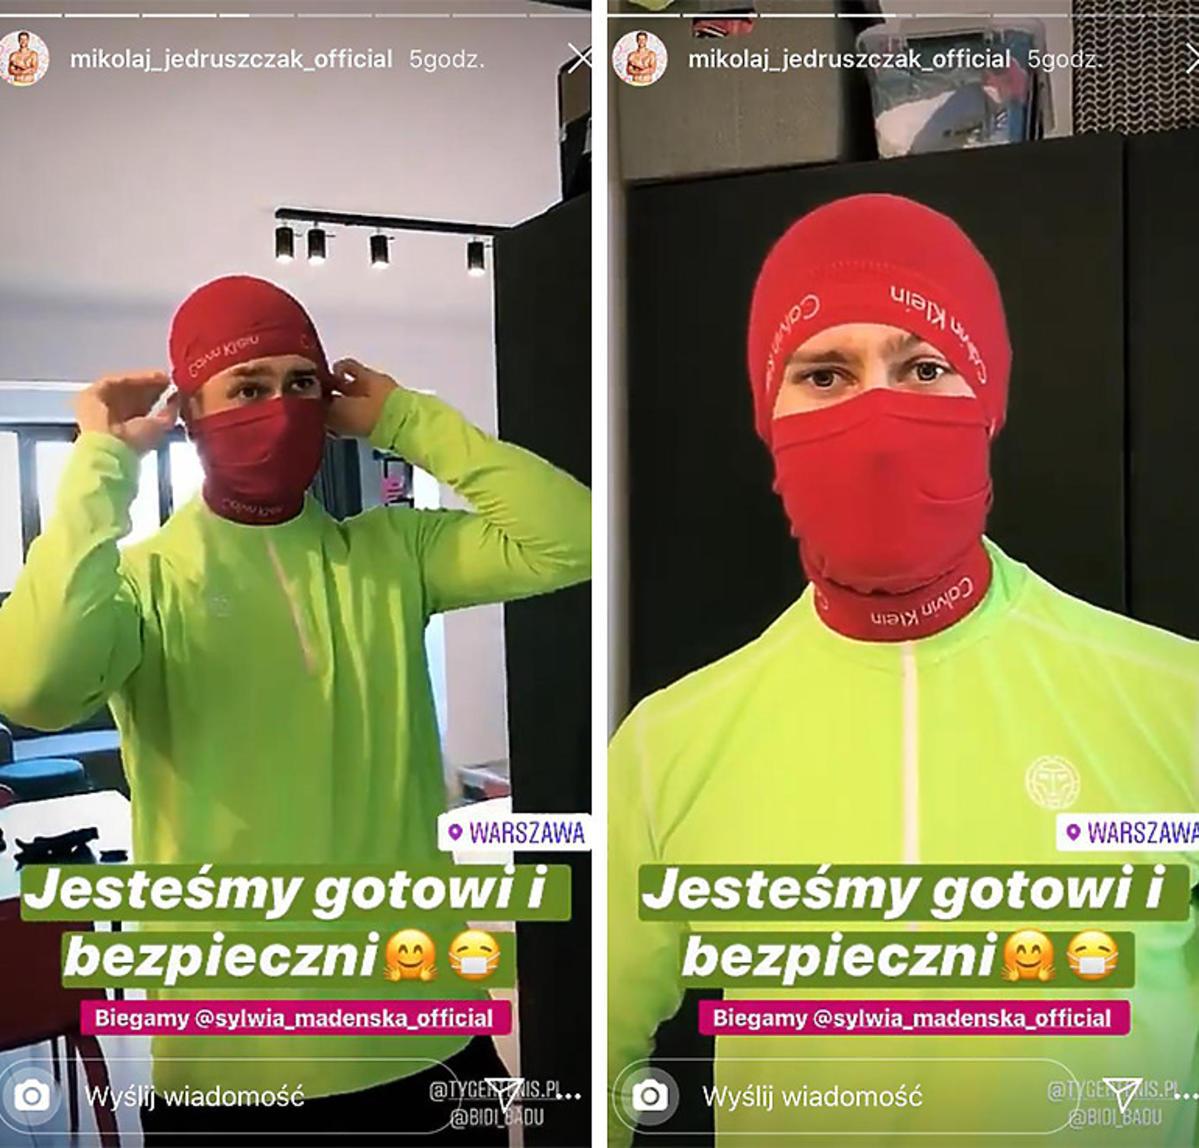 Mikołaj Jędruszczak i Sylwia Madeńska w maseczkach ochronnych z bokserek